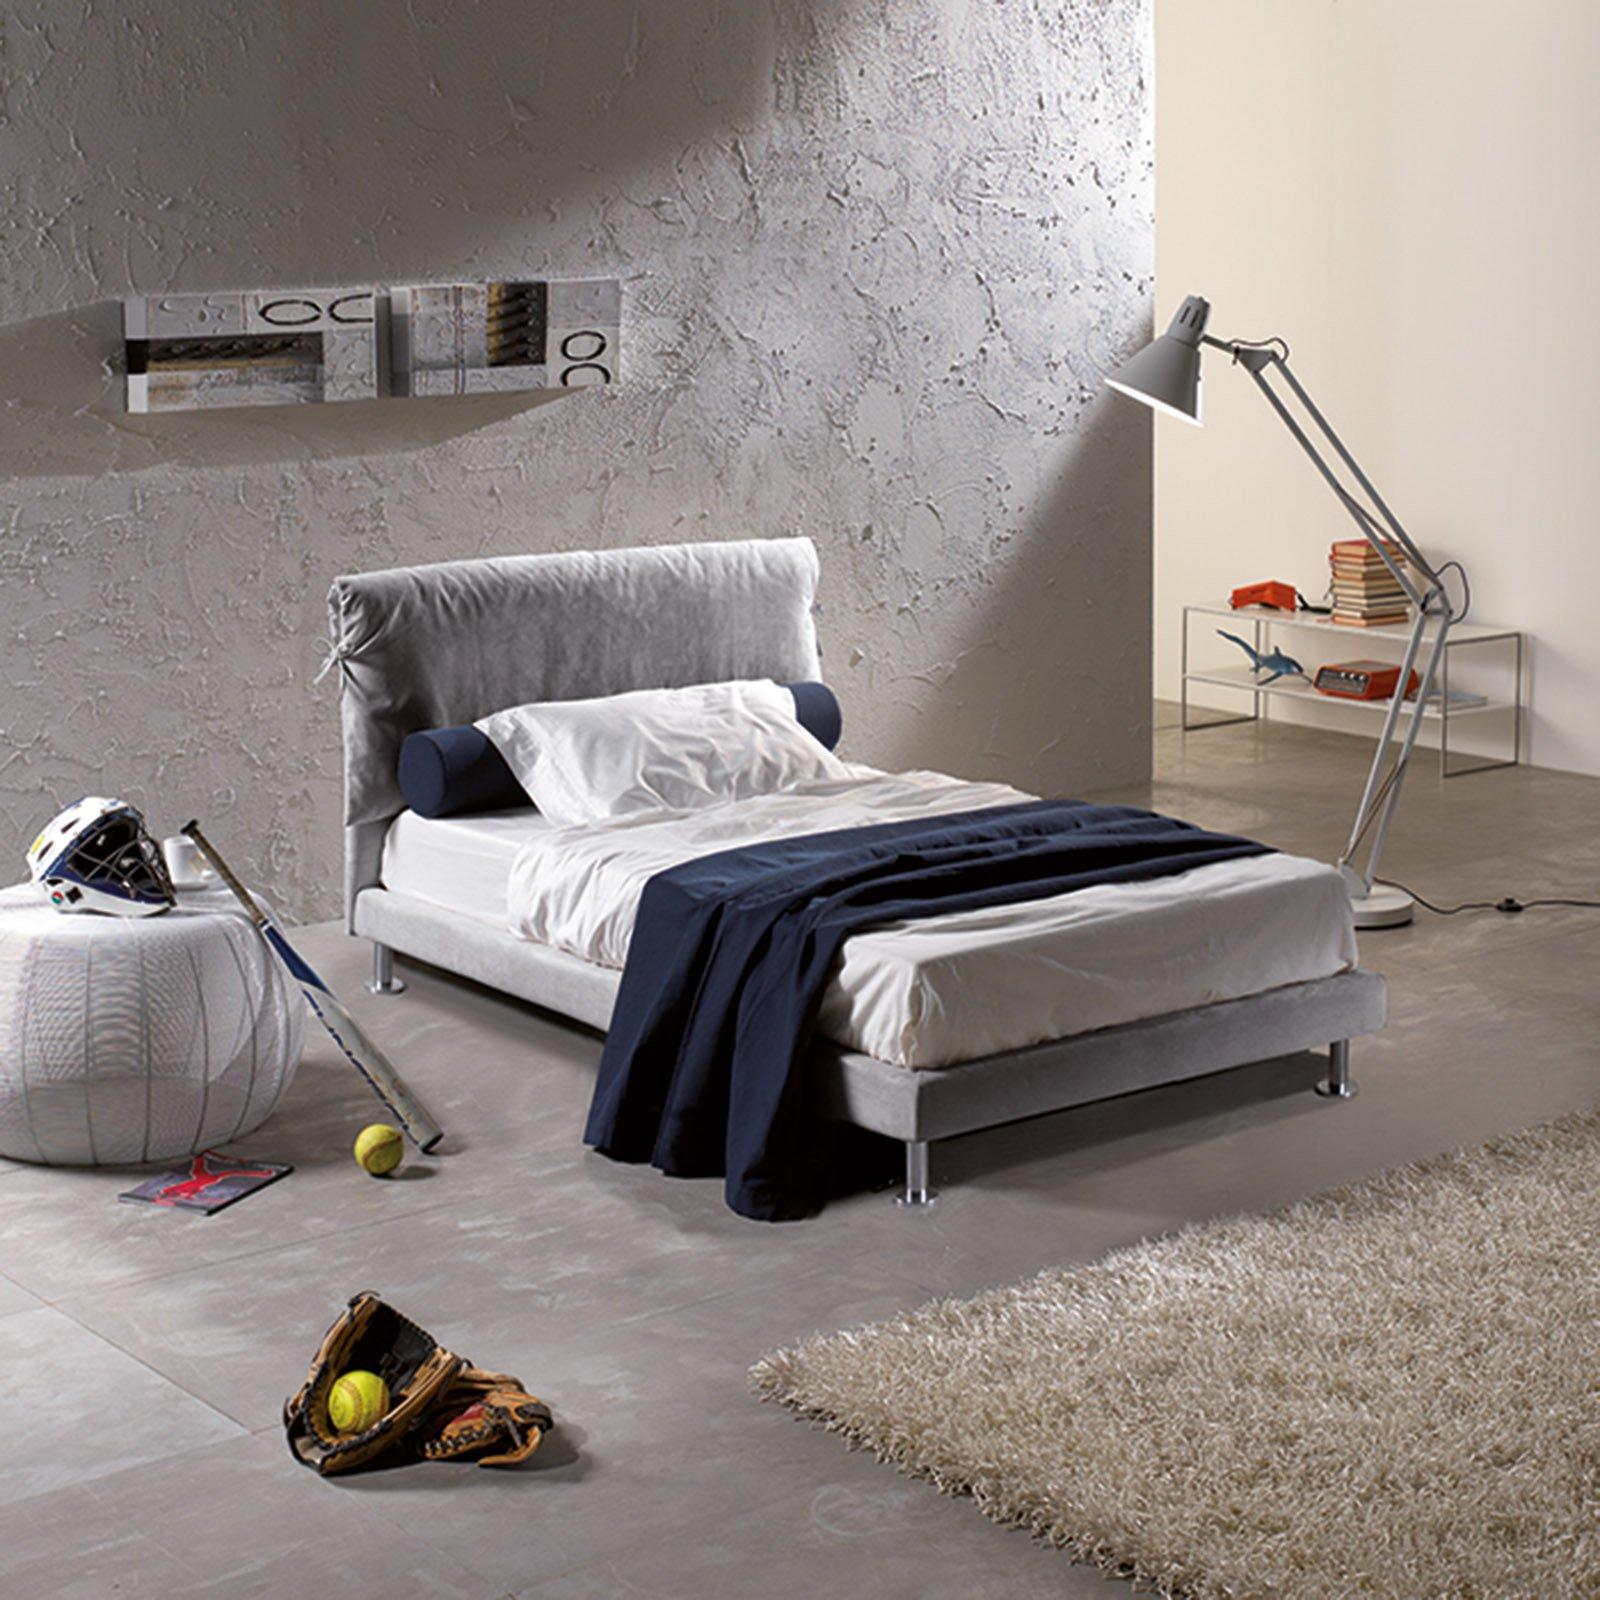 Il letto singolo Fiocco di Lettissimi ha la testata a cuscino unico e i piedini in alluminio lucido; è sfoderabile. Misura L 110 x P 211 x H 108 cm. Prezzo su richiesta.   www.lettissimi.com